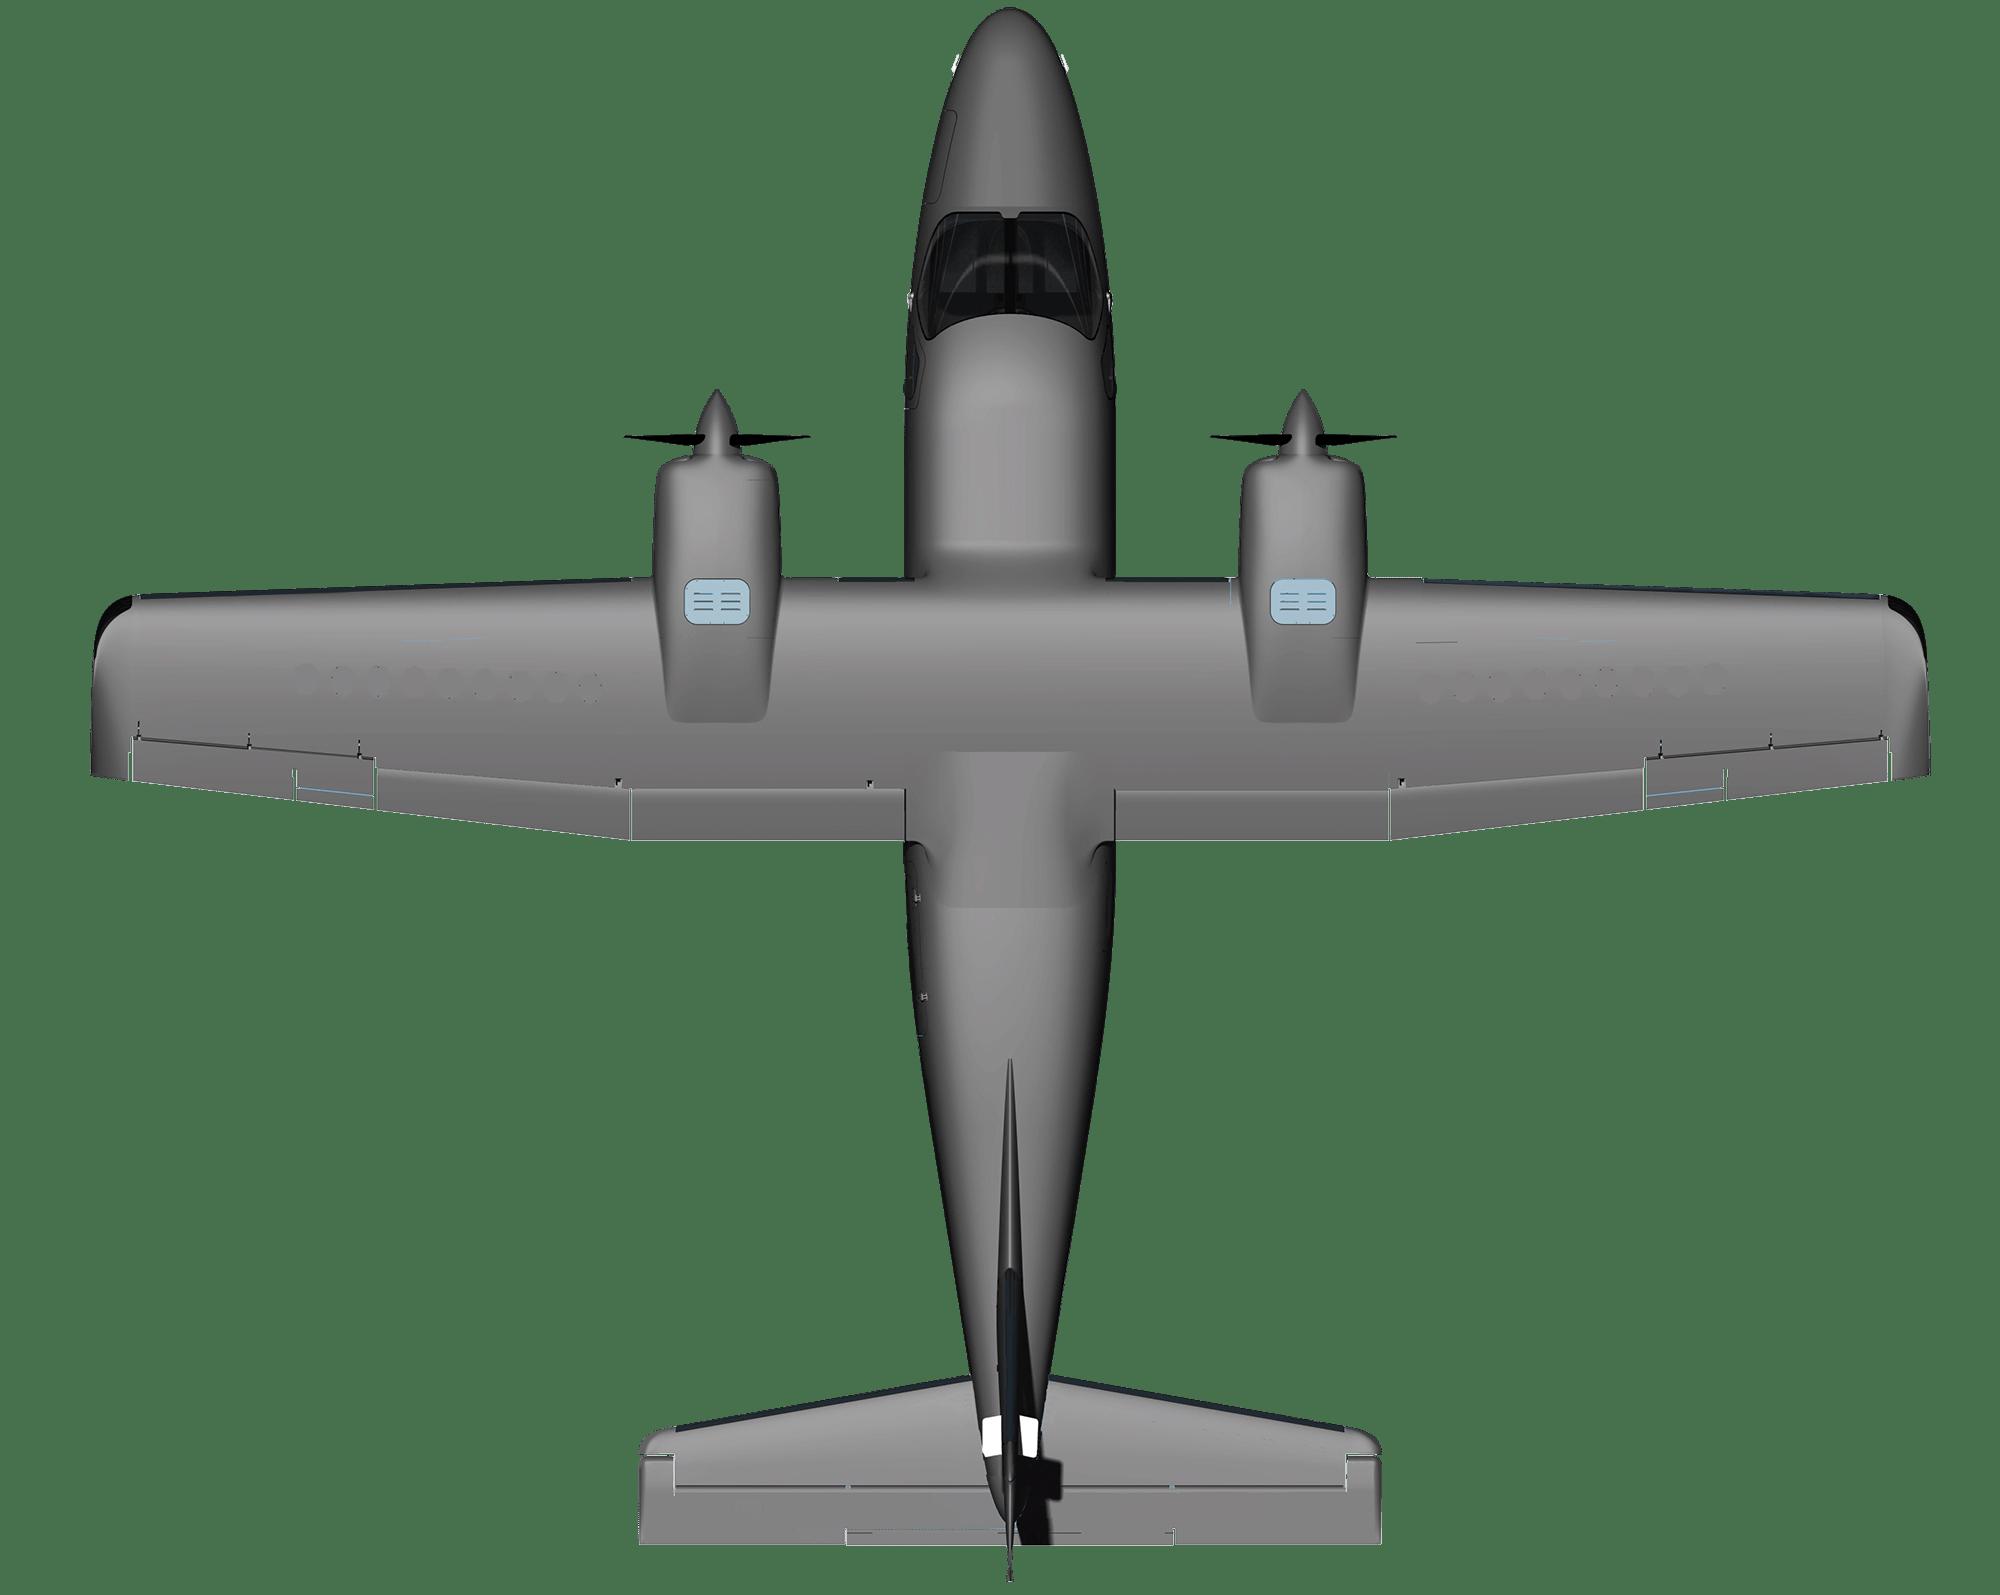 P2012 Cargo